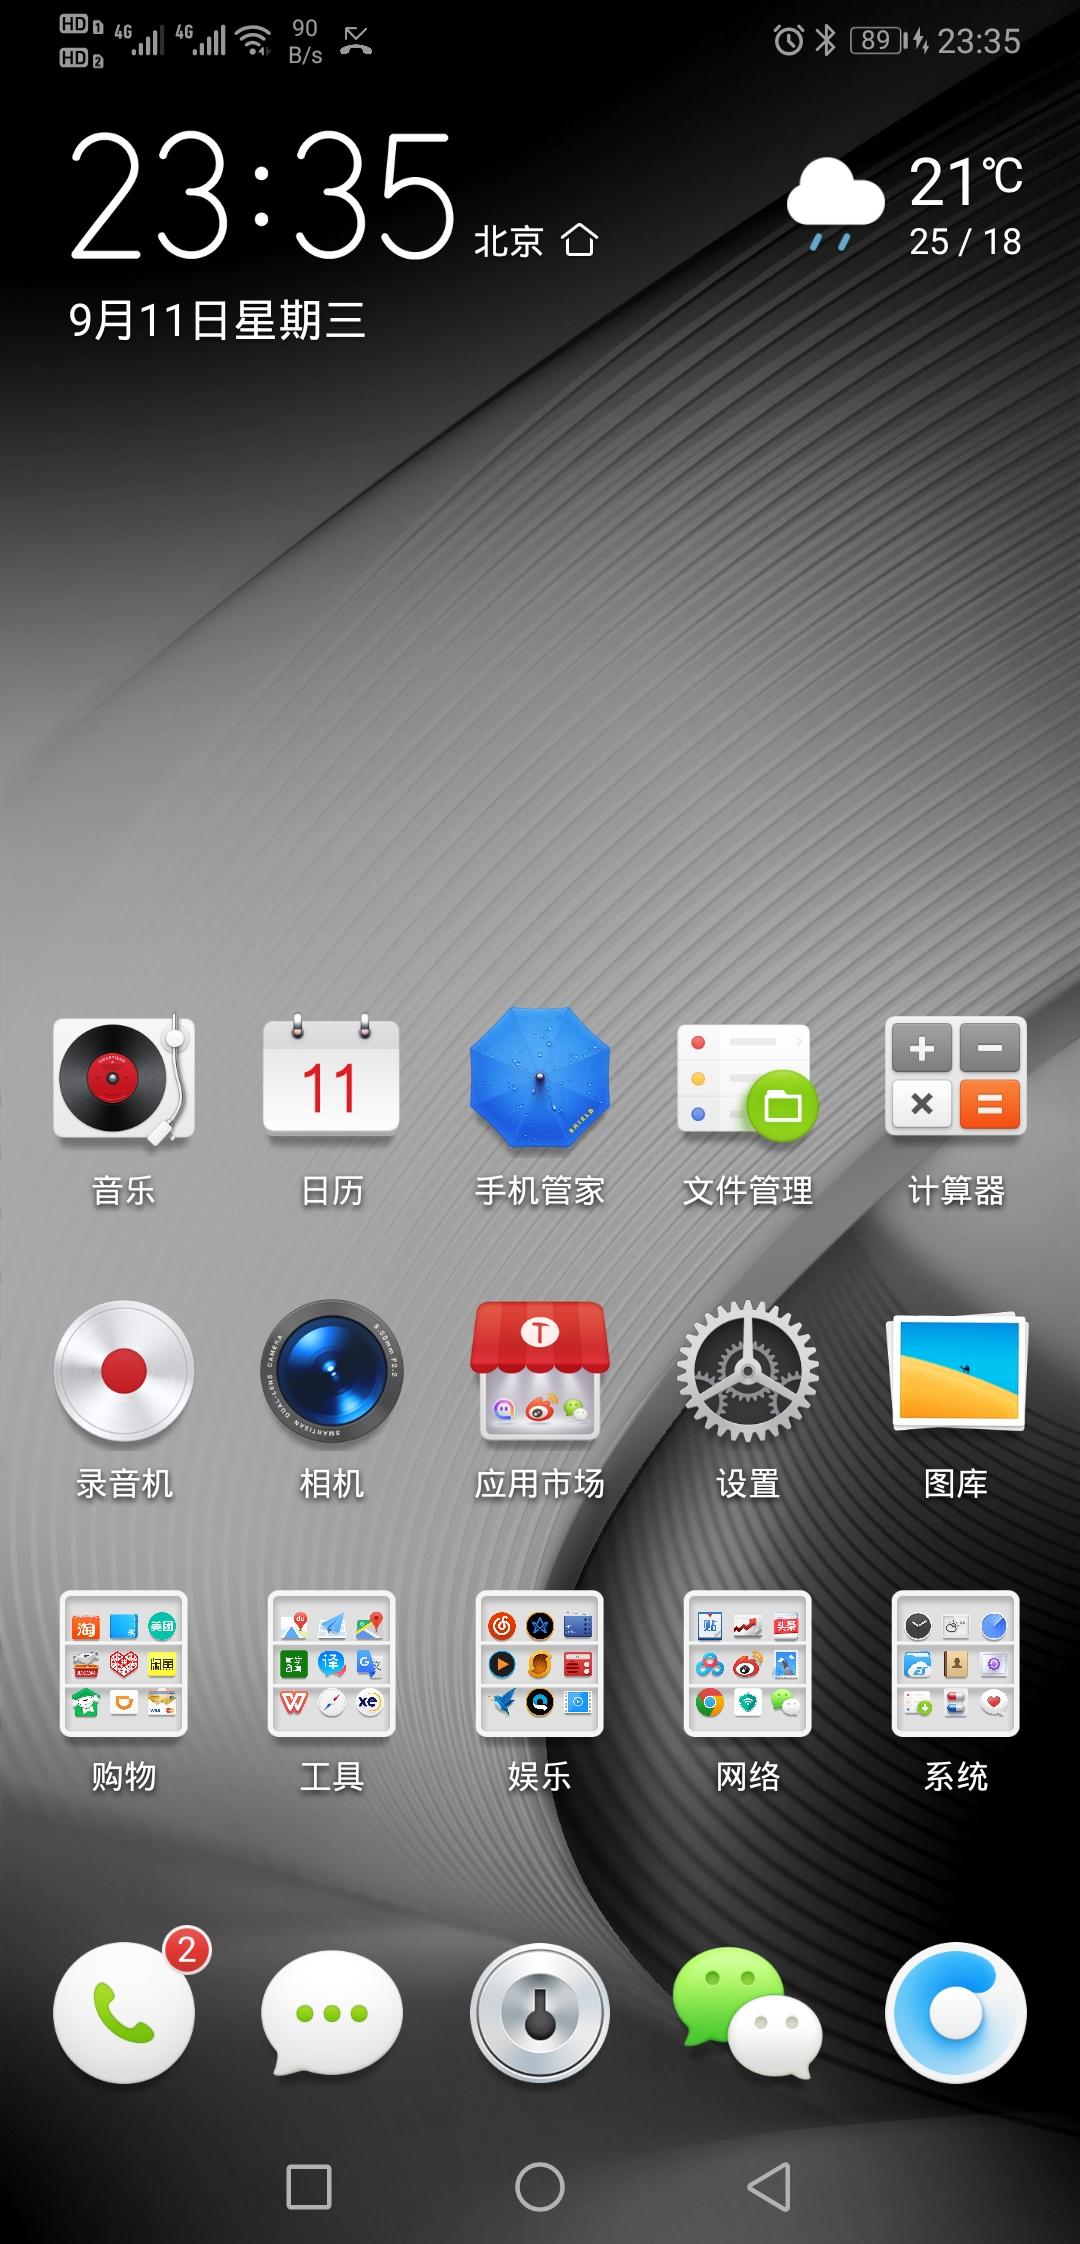 Screenshot_20190911_233536_com.huawei.android.launcher.jpg